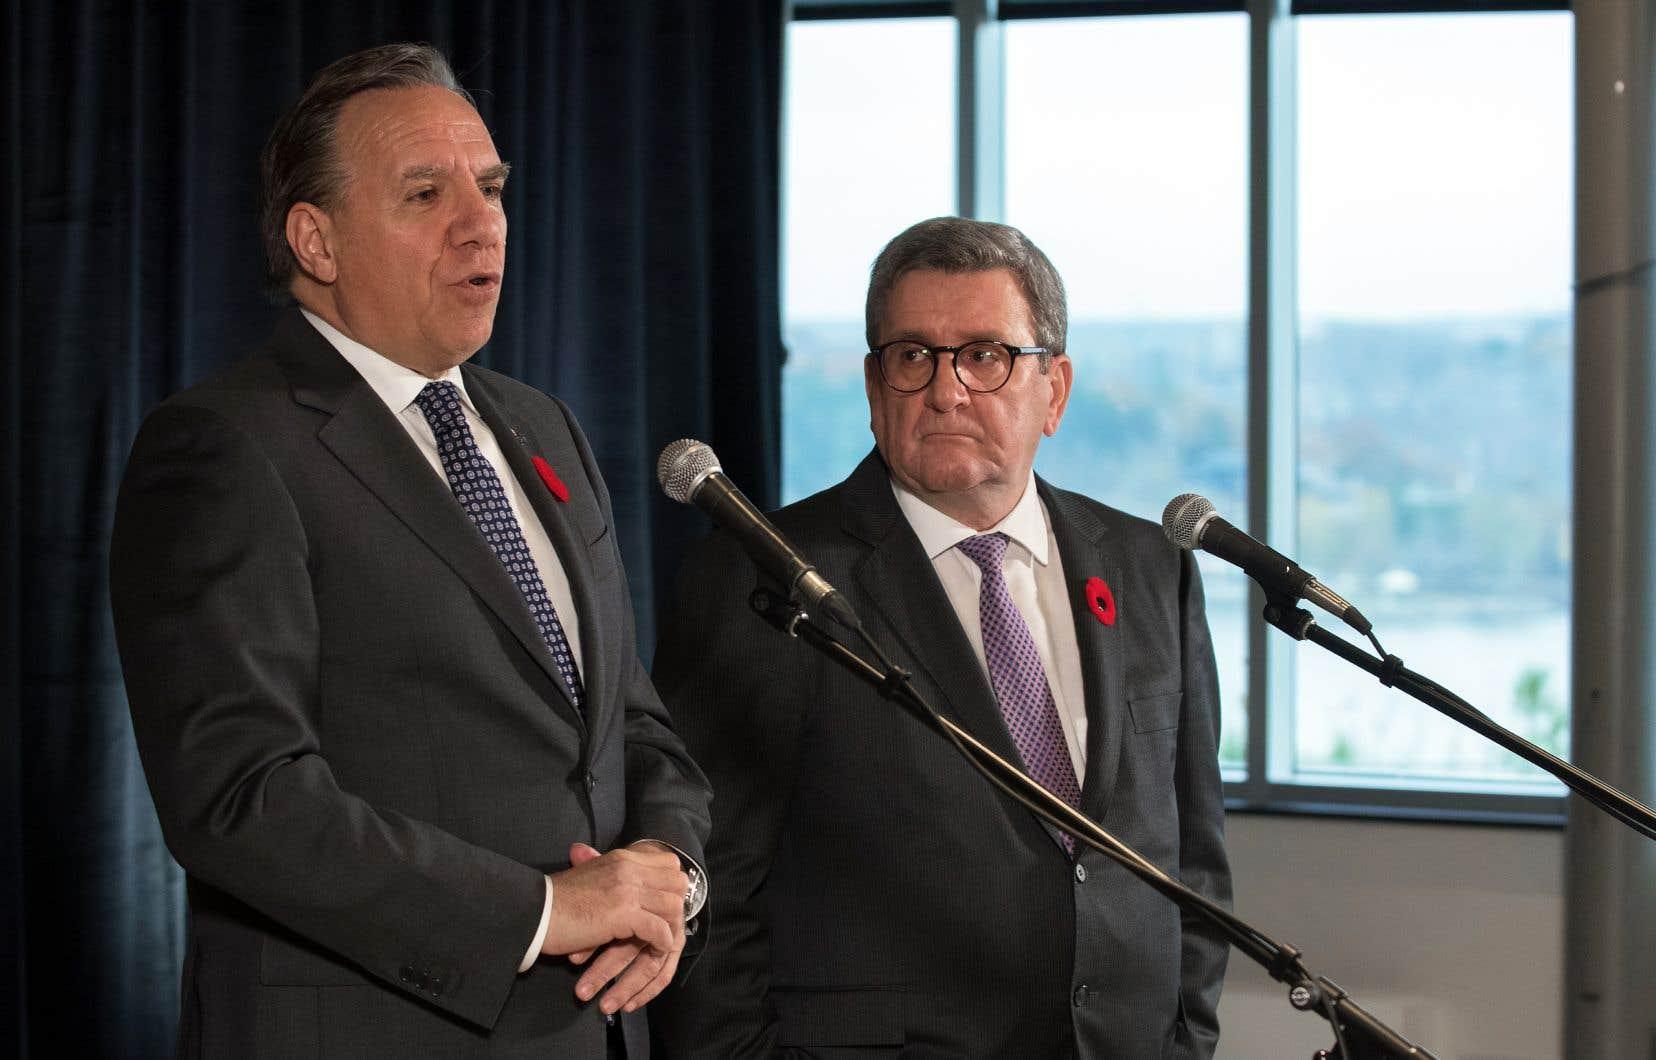 Le premier ministre François Legault et le maire de Québec, Régis Labeaume, ont eu une première rencontre depuis le scrutin d'octobre.